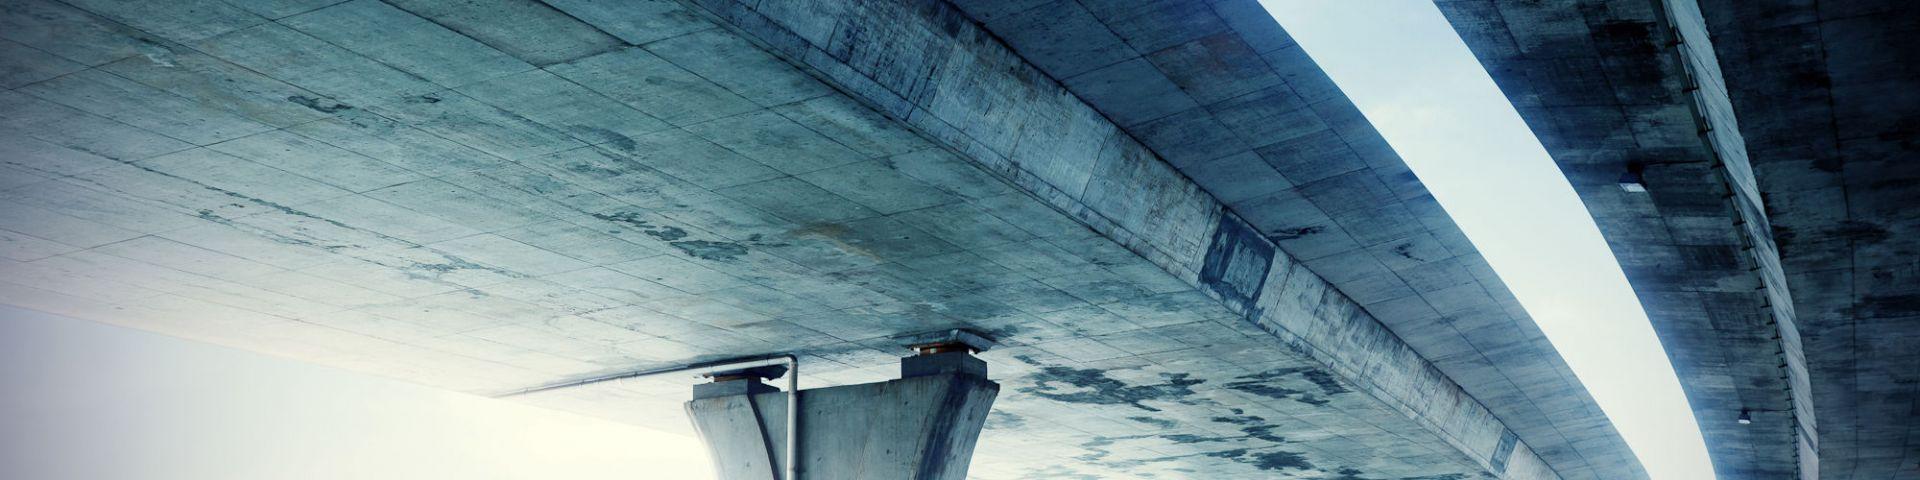 realizzazione ponti viadotti, grandi appalti